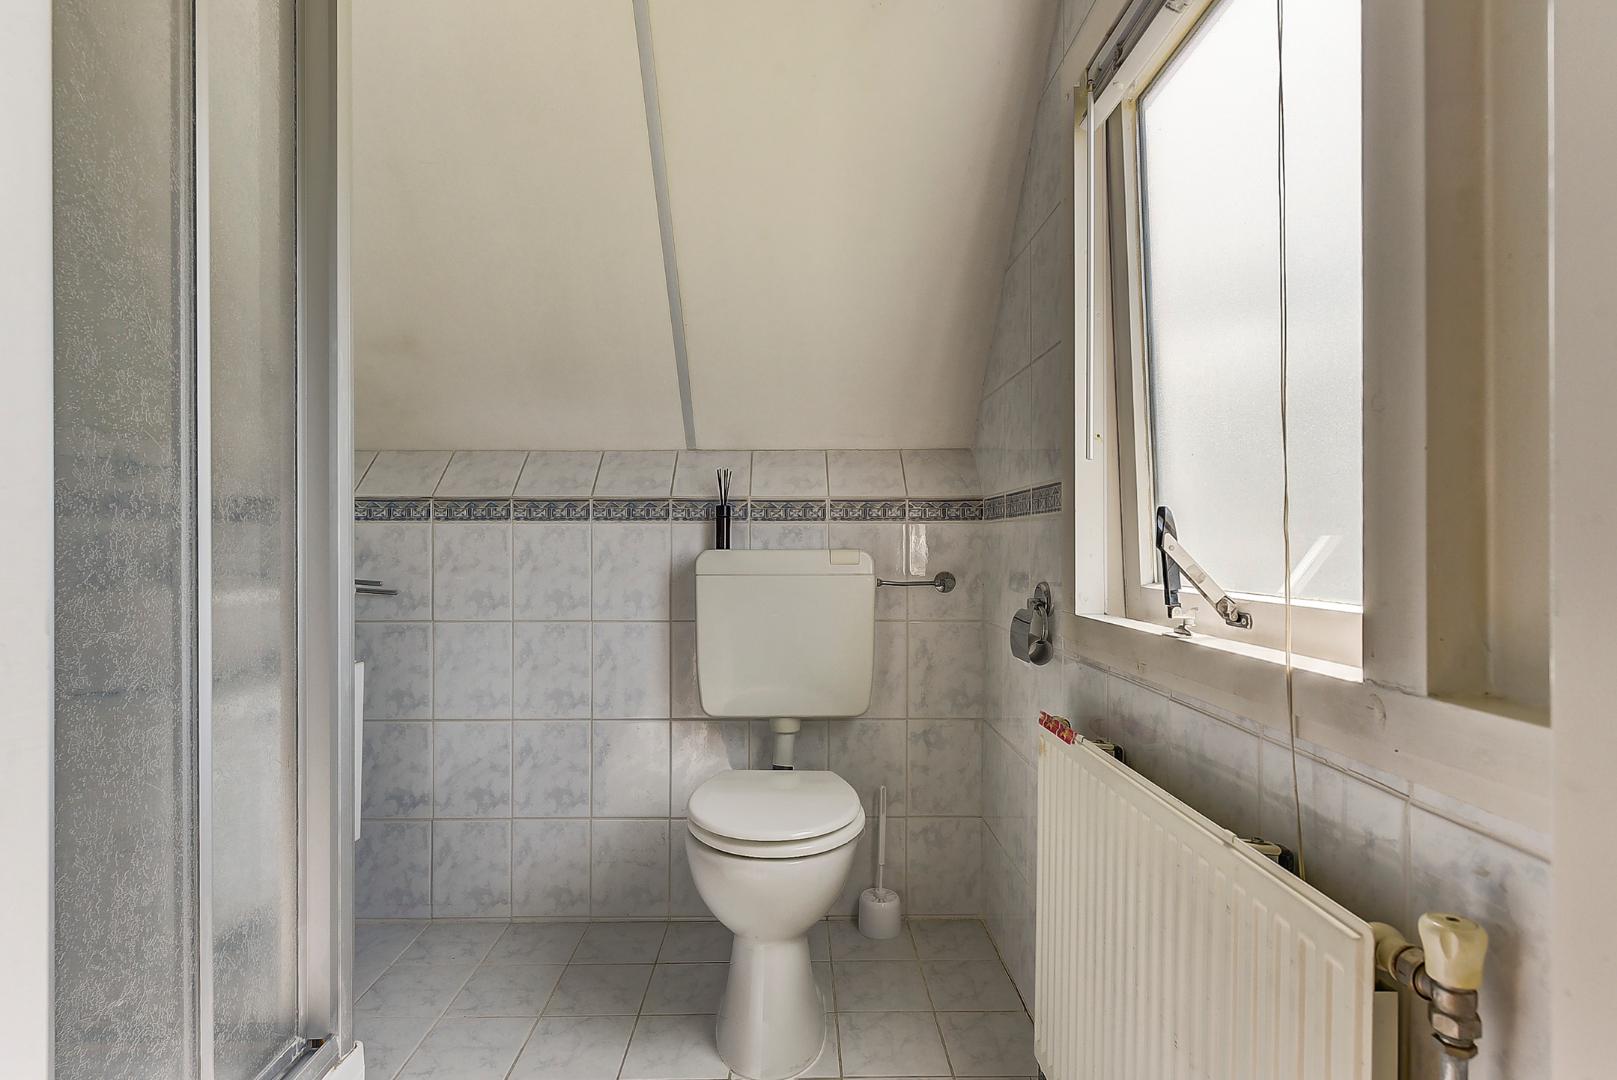 Bijgebouw toilet